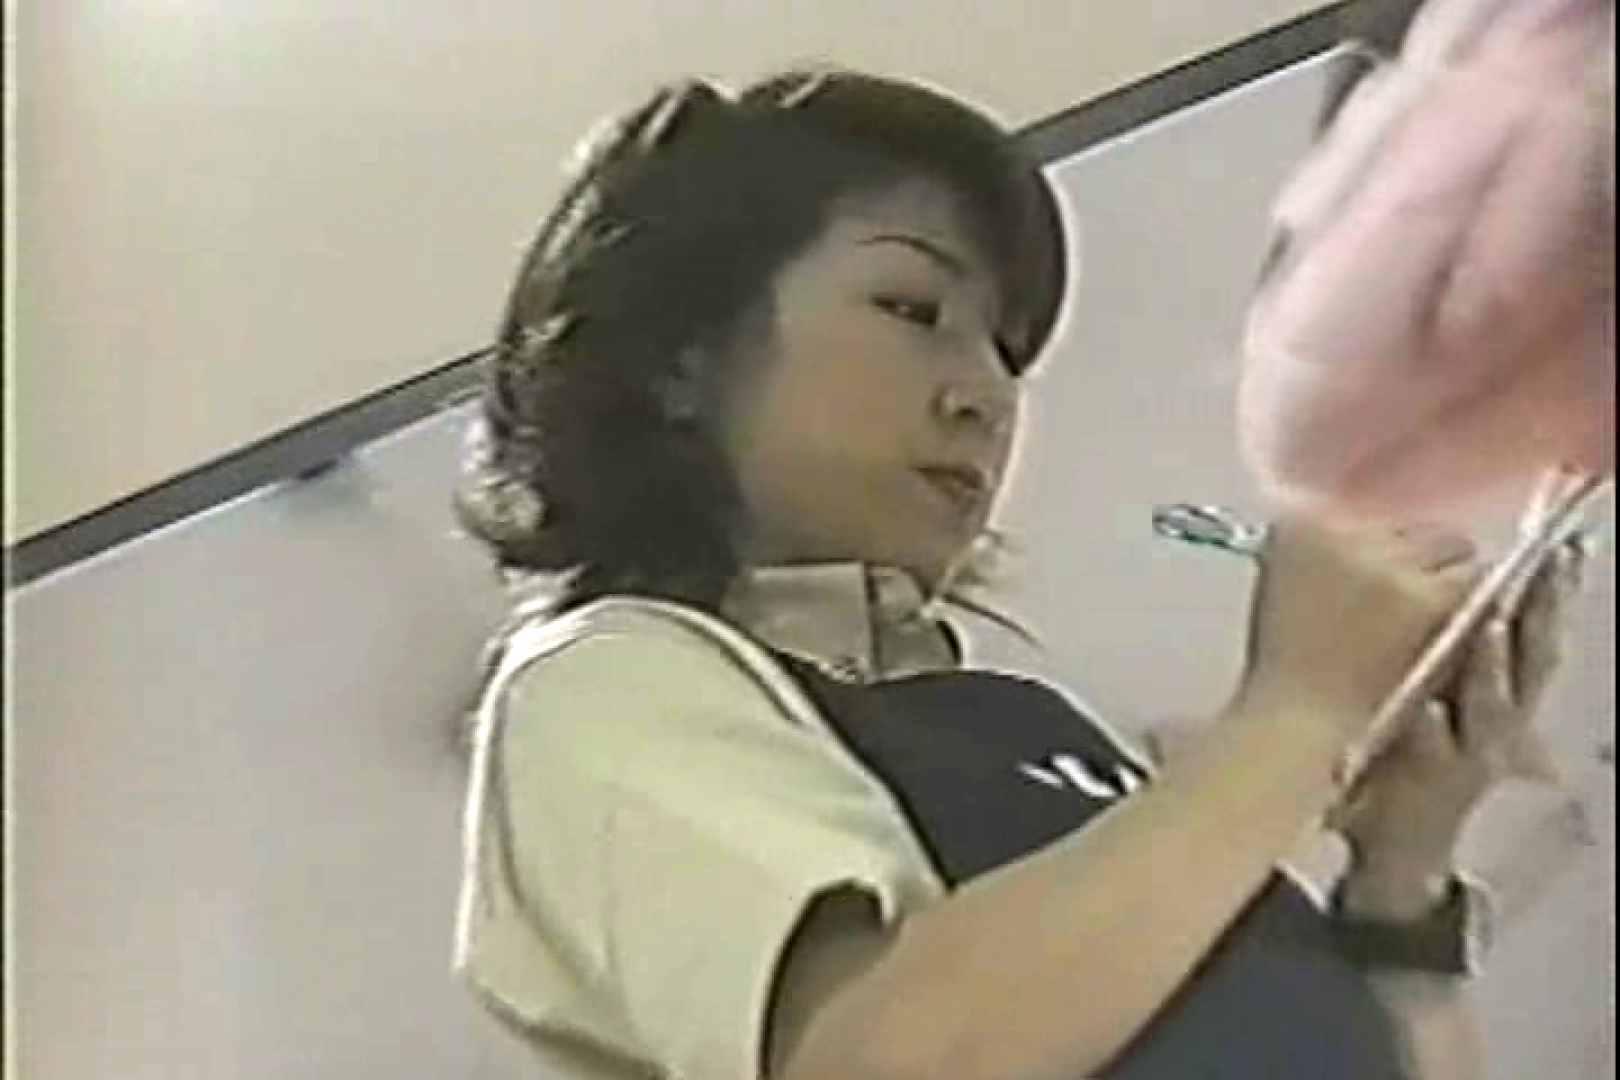 「ちくりん」さんのオリジナル未編集パンチラVol.5_02 パンチラ  76画像 48